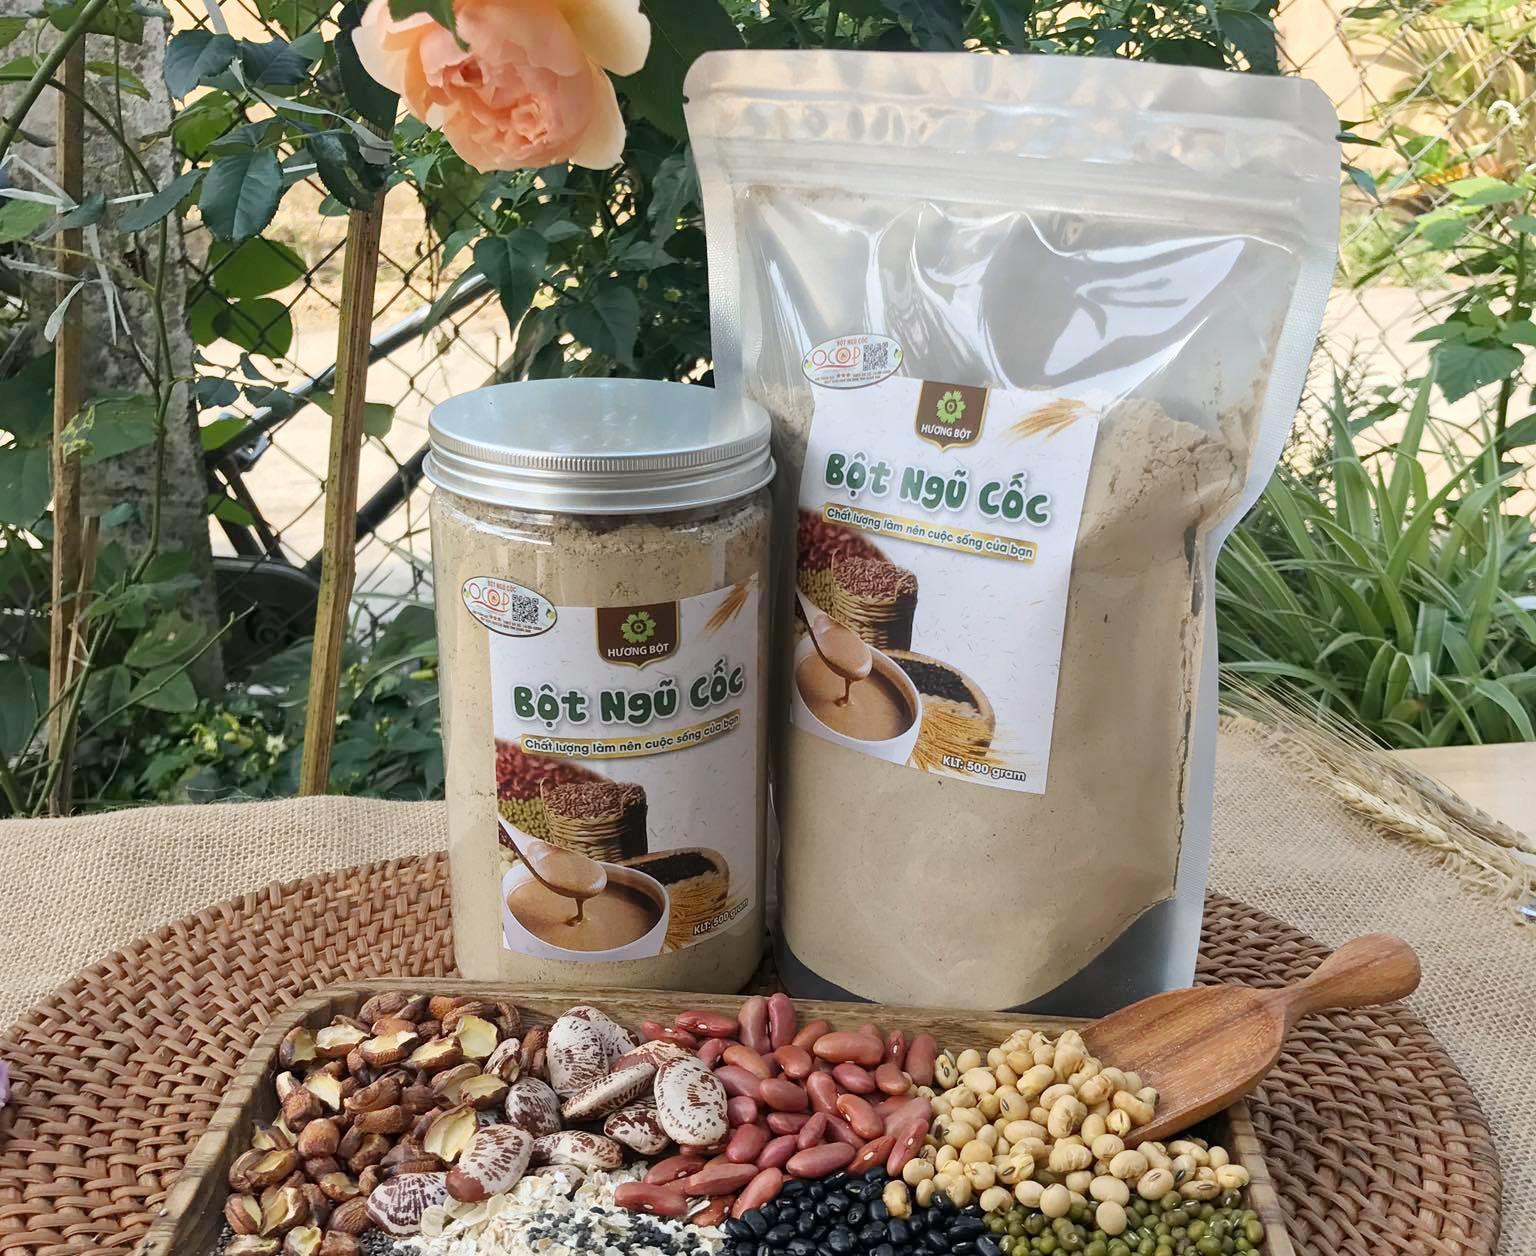 Bột ngũ cốc của cơ sở sản xuất Hương Bột.Ảnh: L.Q